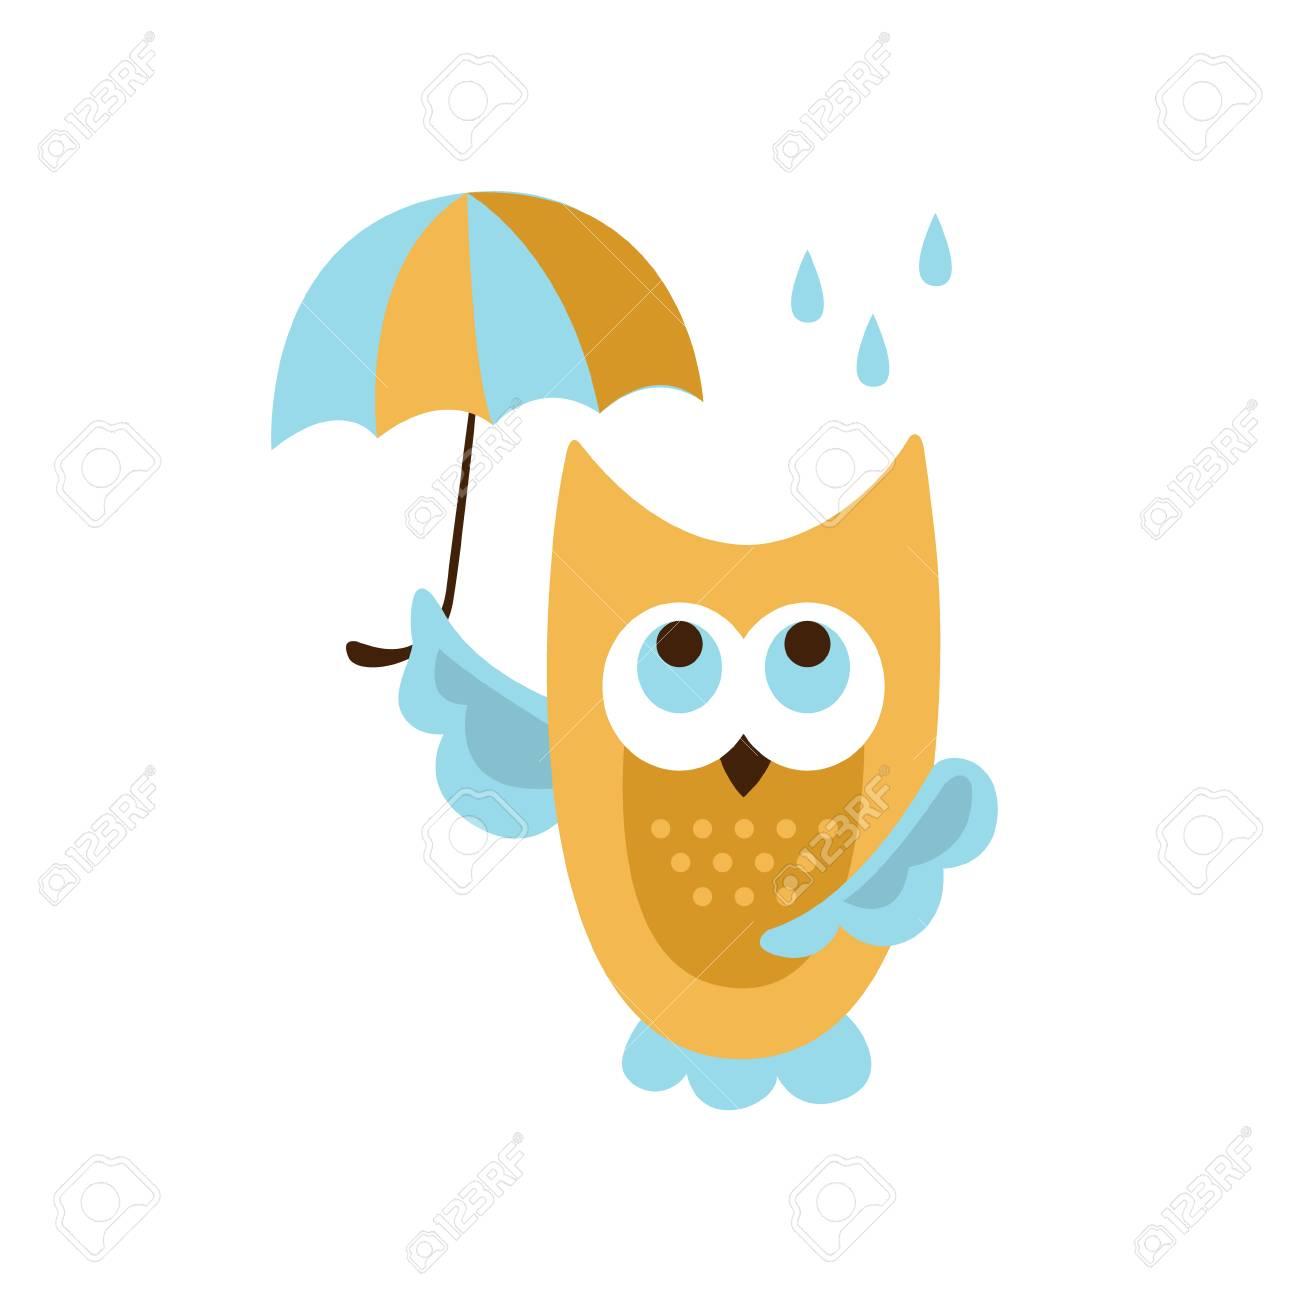 the latest 364d6 100f4 白い背景の簡略化されたルイヴィトンミニリンが含まれますスタイルで雨創造的な面白いし、かわいいフラット デザイン ベクトル図の下の傘でフクロウ